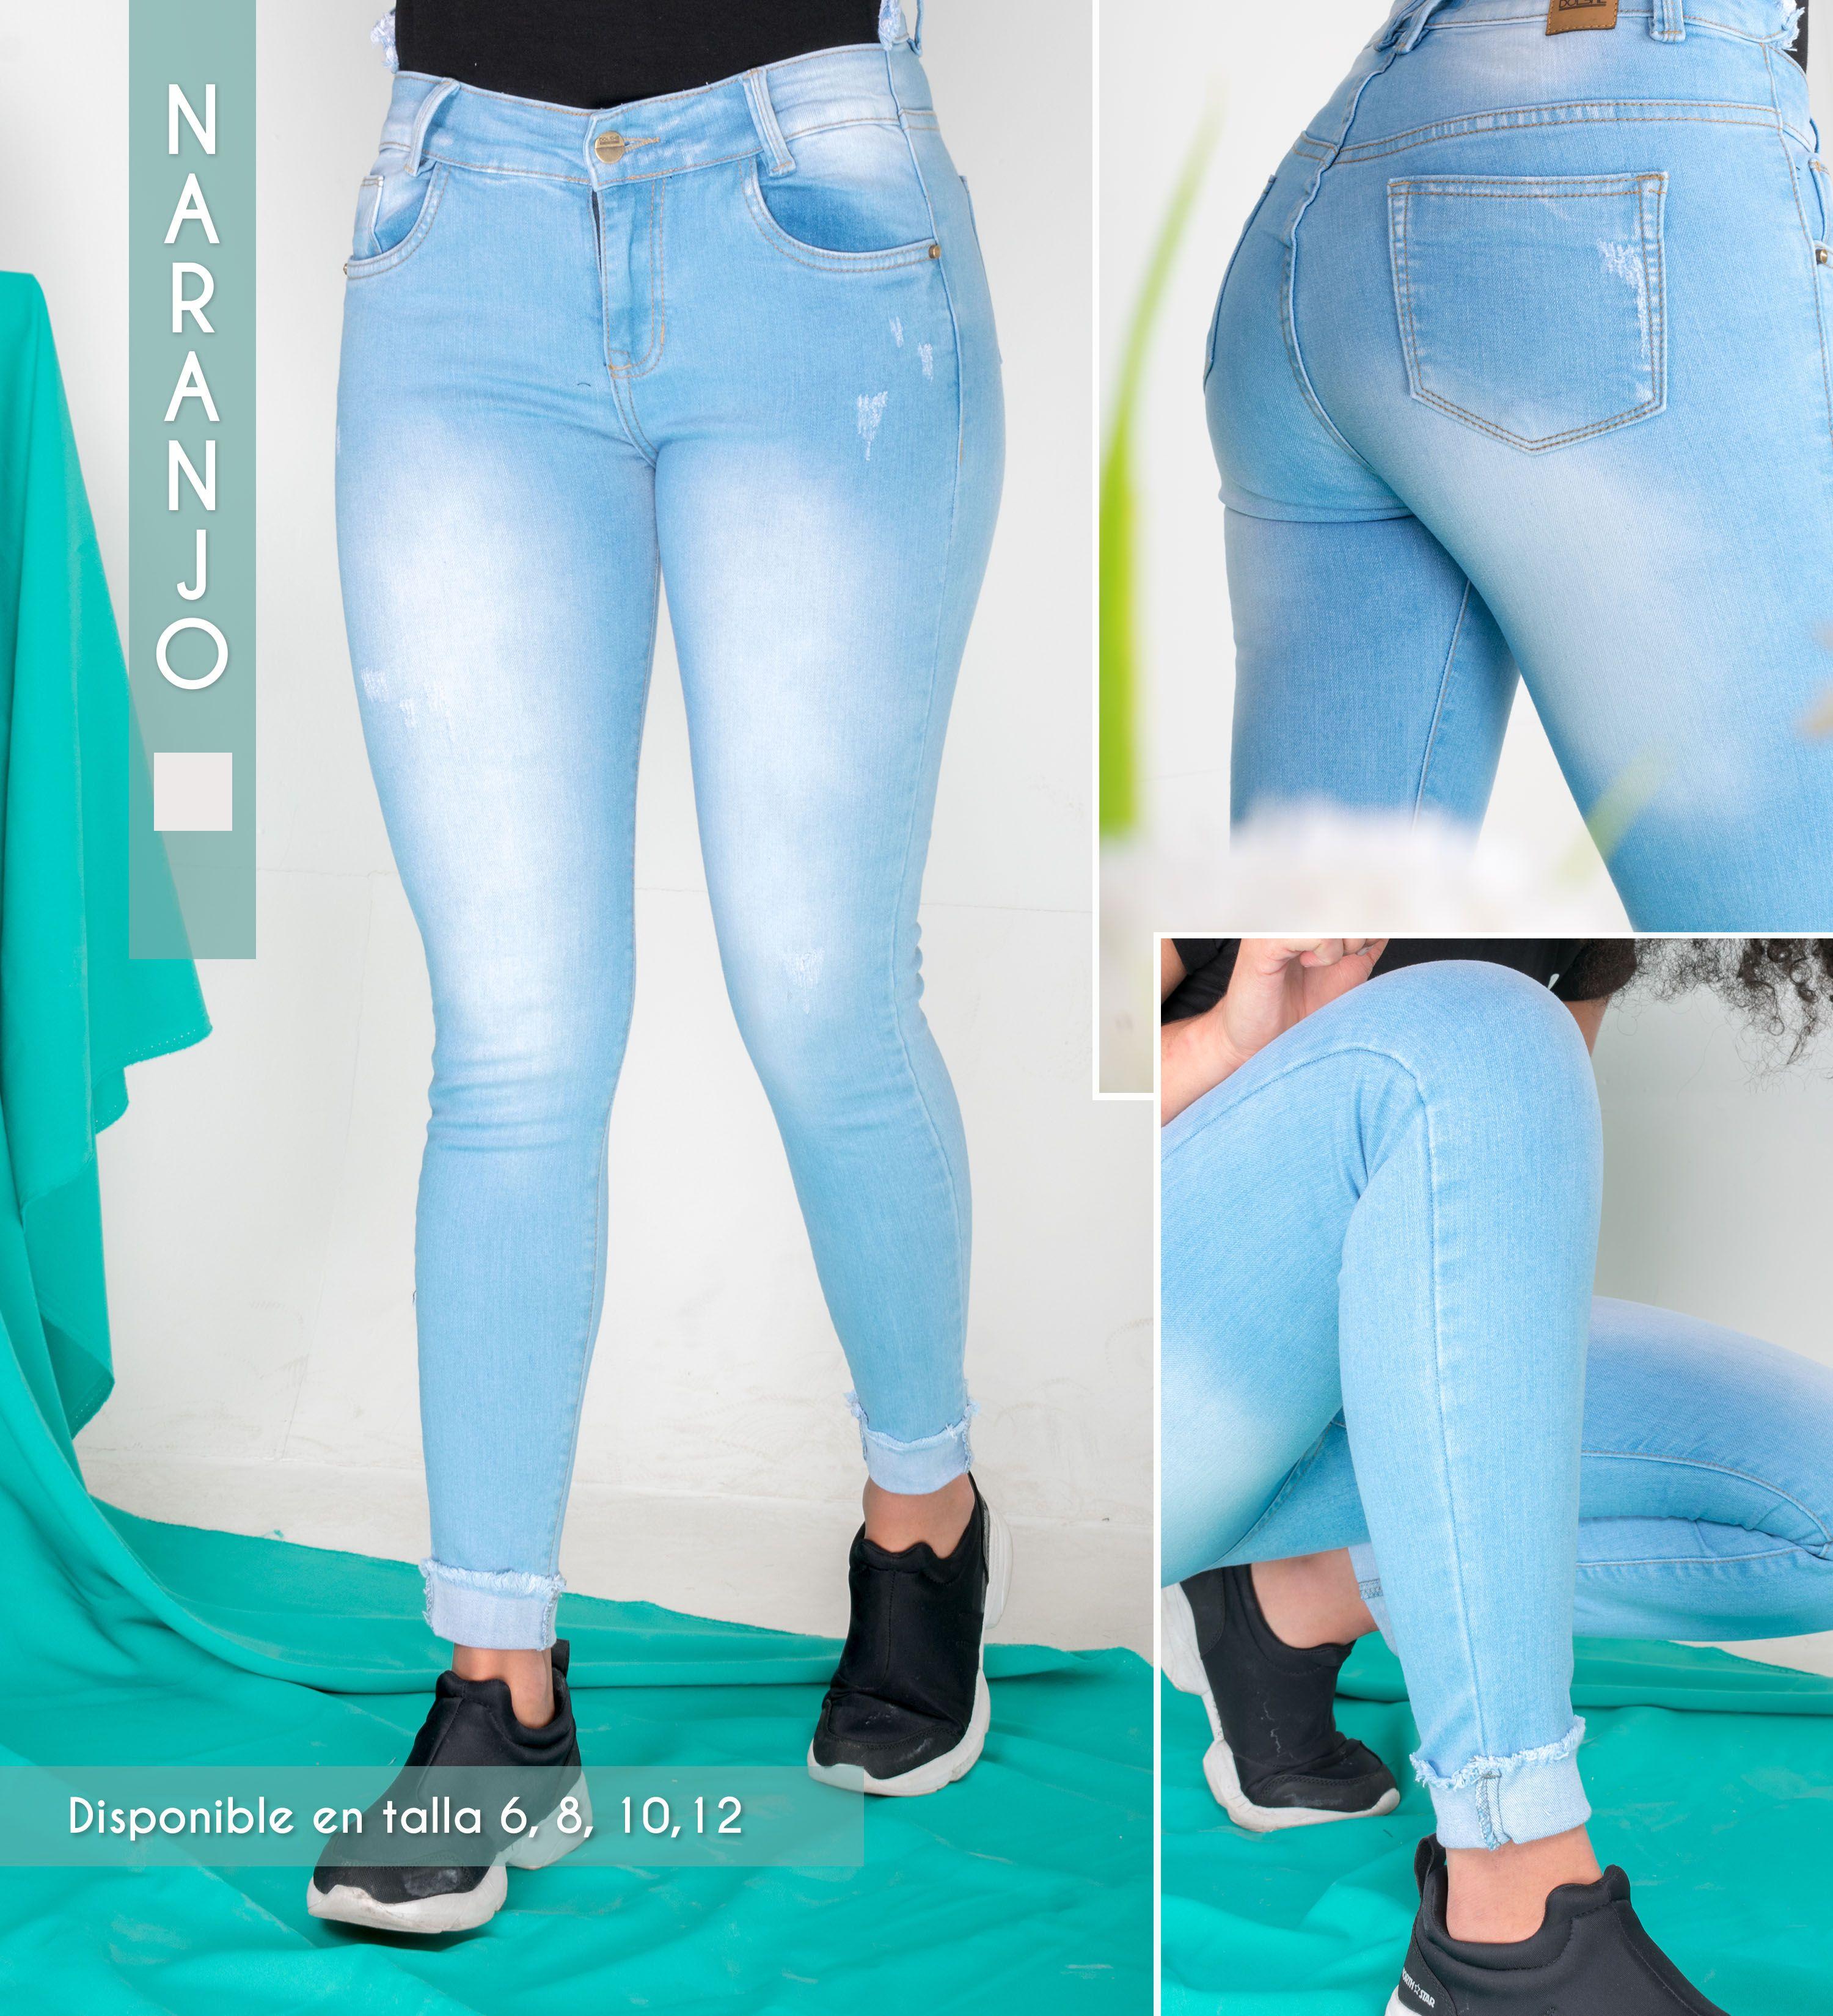 كونتيننتال كذاب يزور Jeans De Mujer De Colores Cabuildingbridges Org